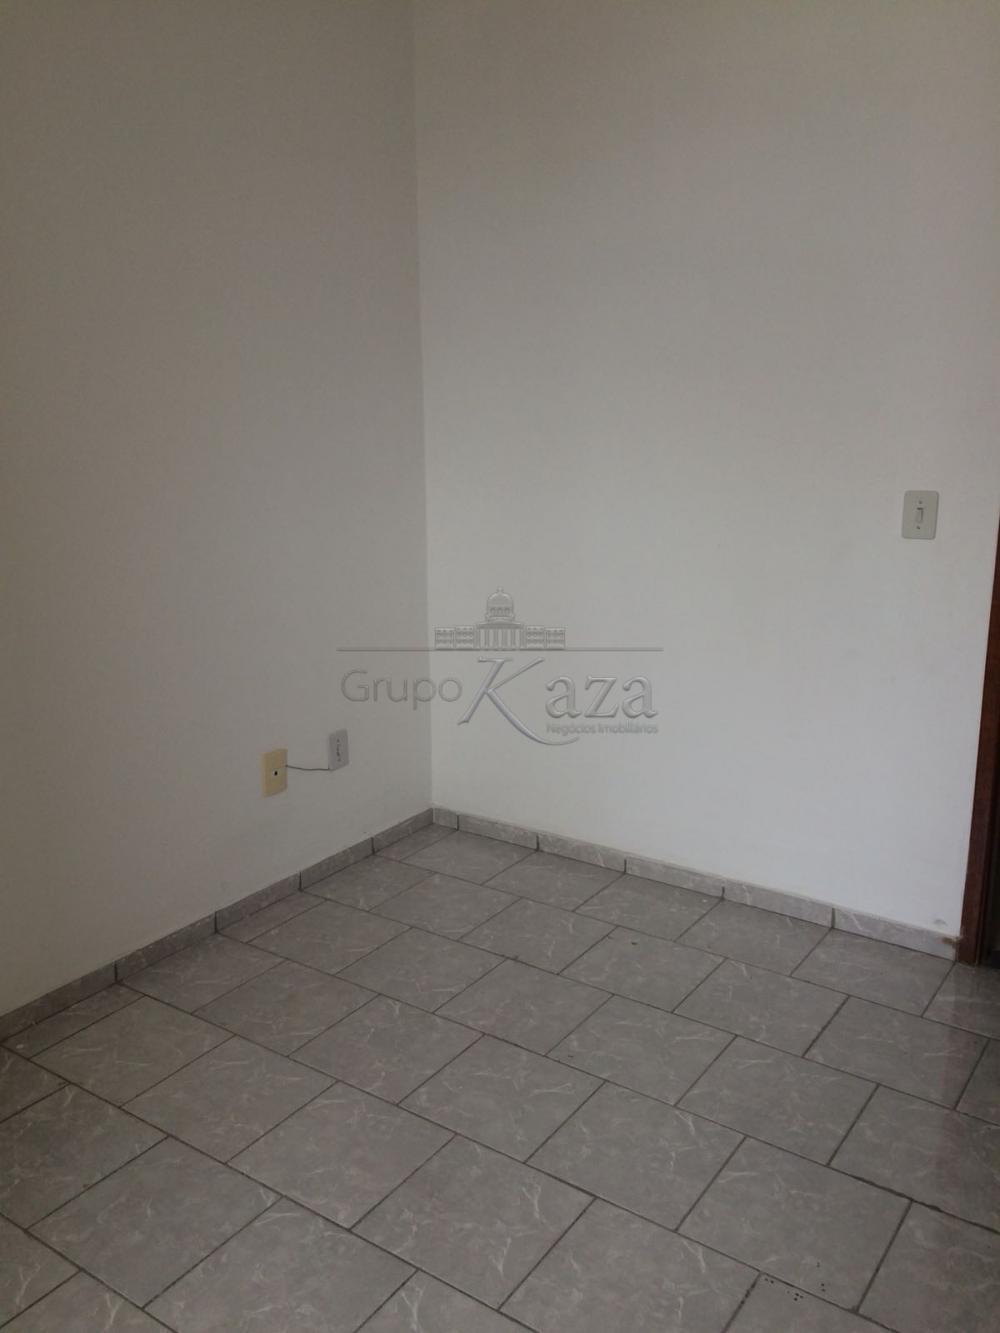 Comprar Apartamento / Padrão em São José dos Campos apenas R$ 150.000,00 - Foto 7